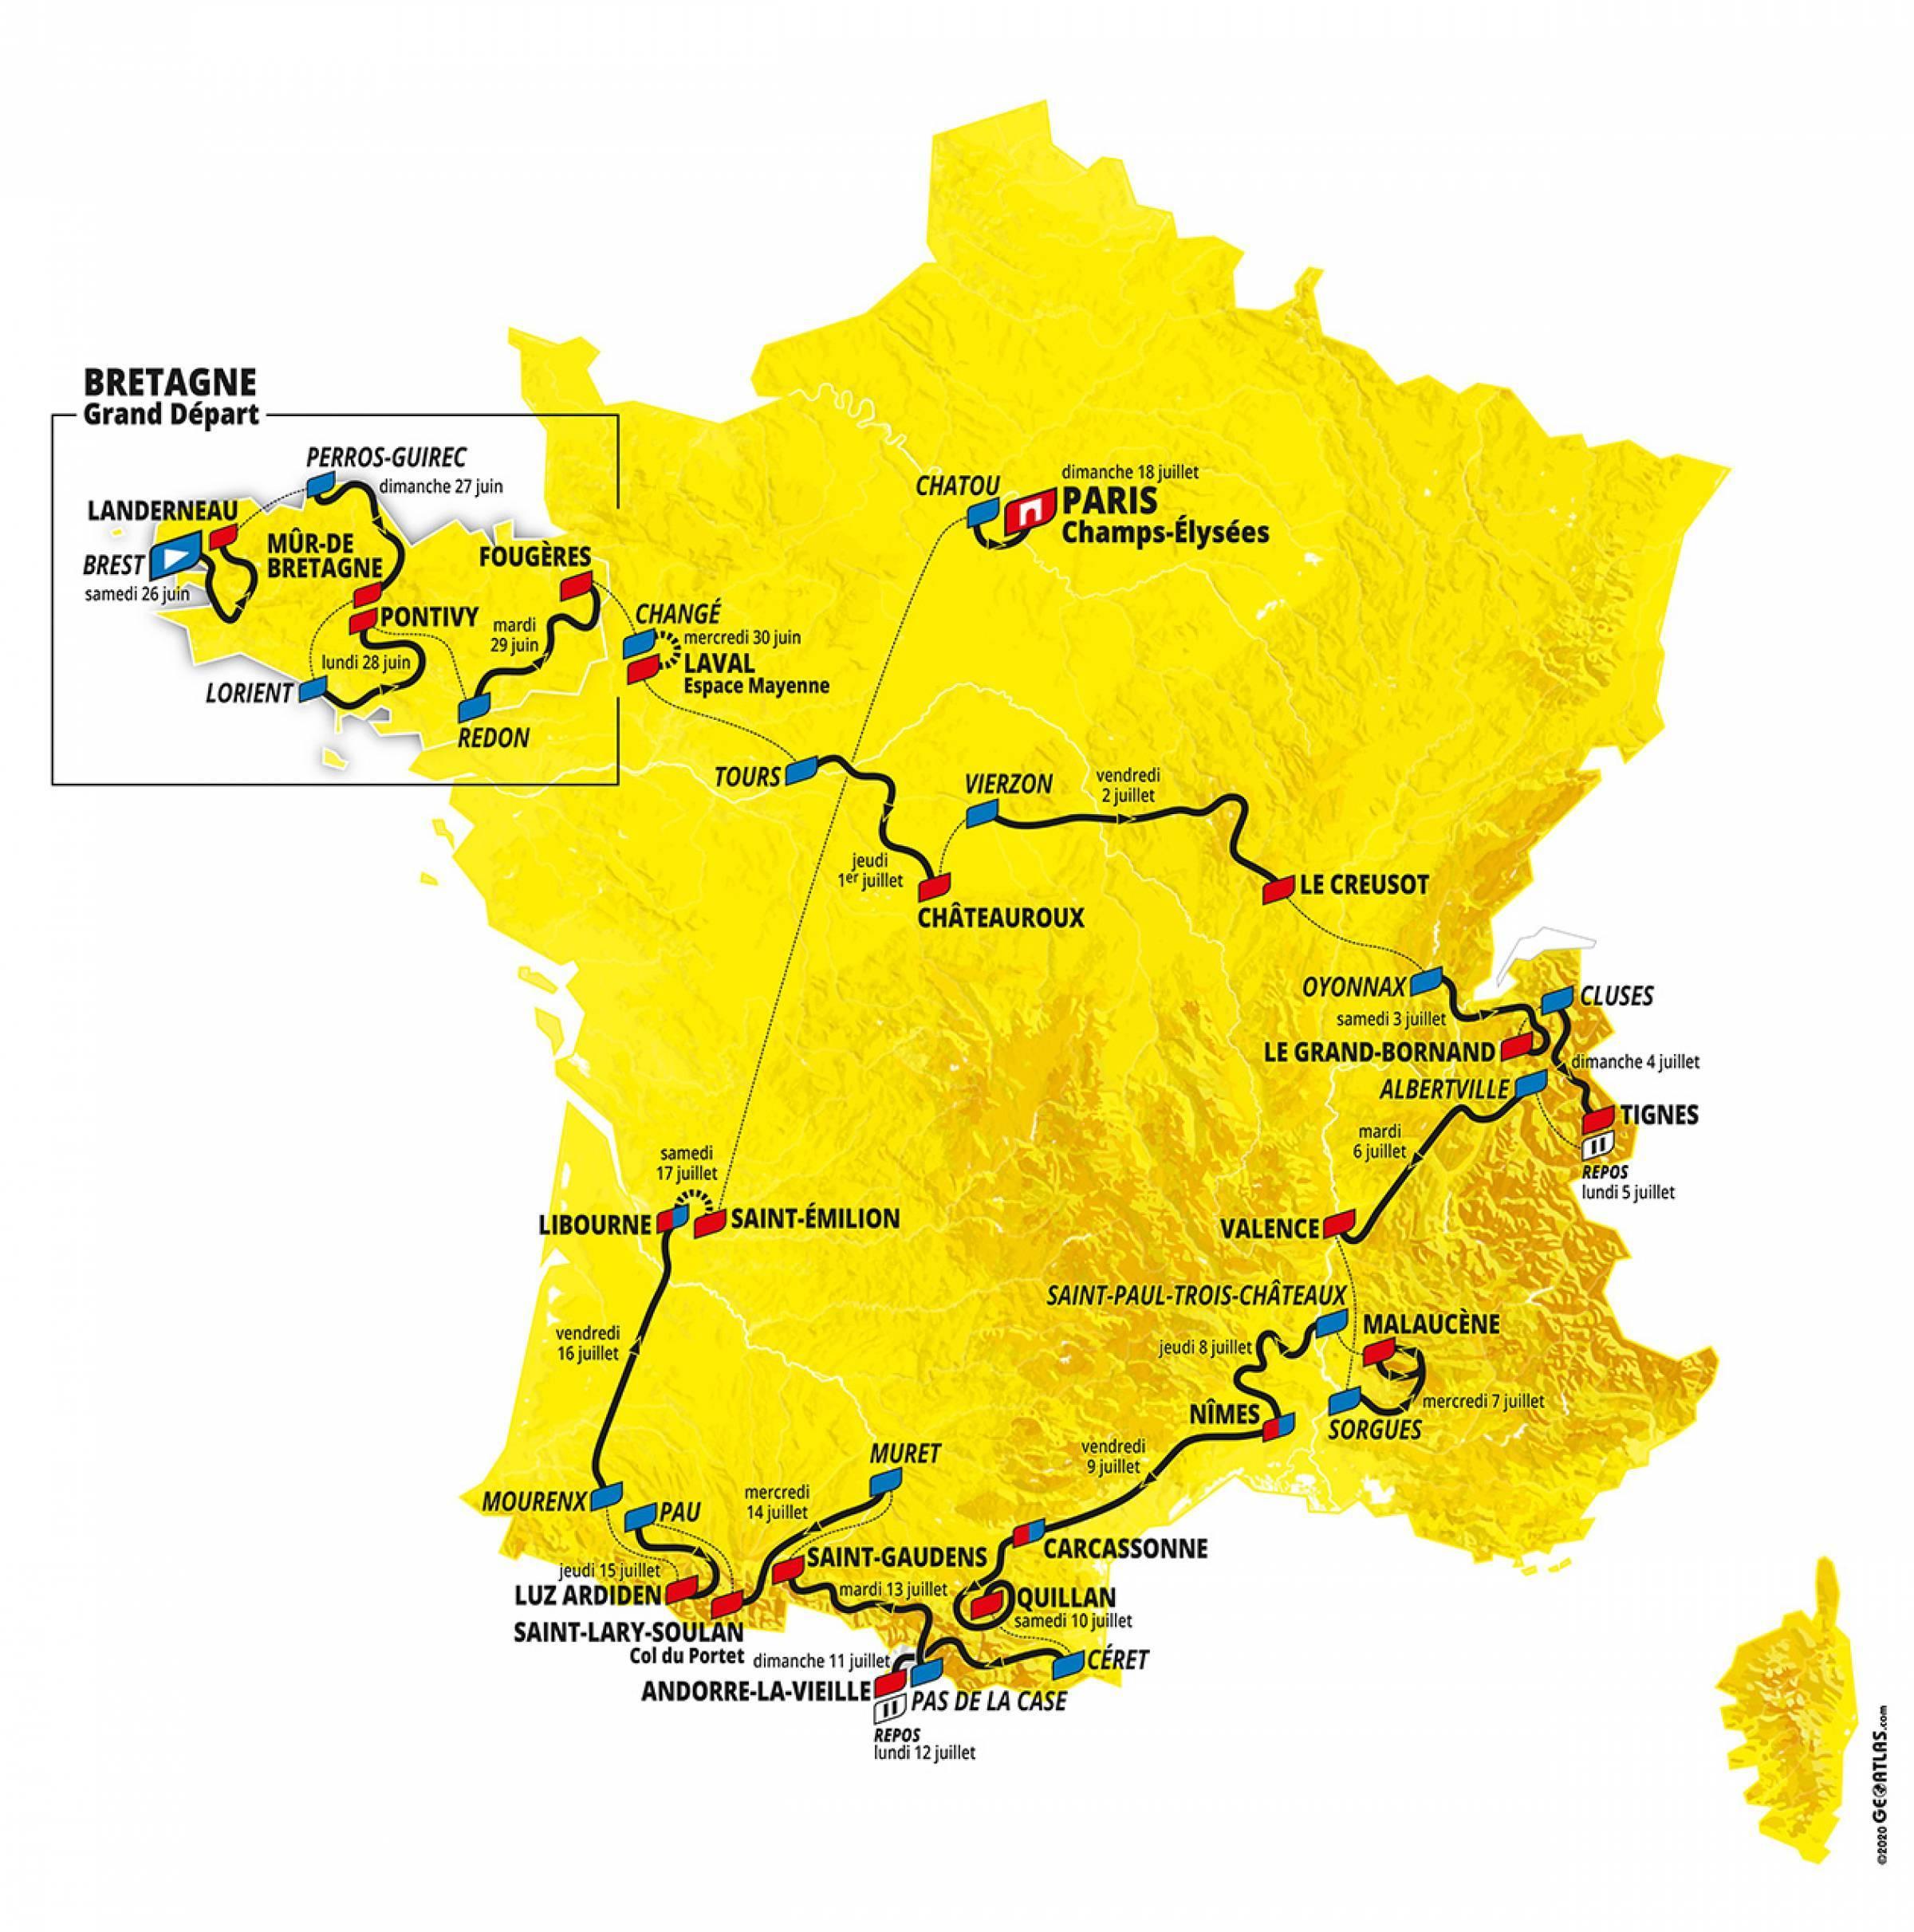 2021 Tour de France route Map